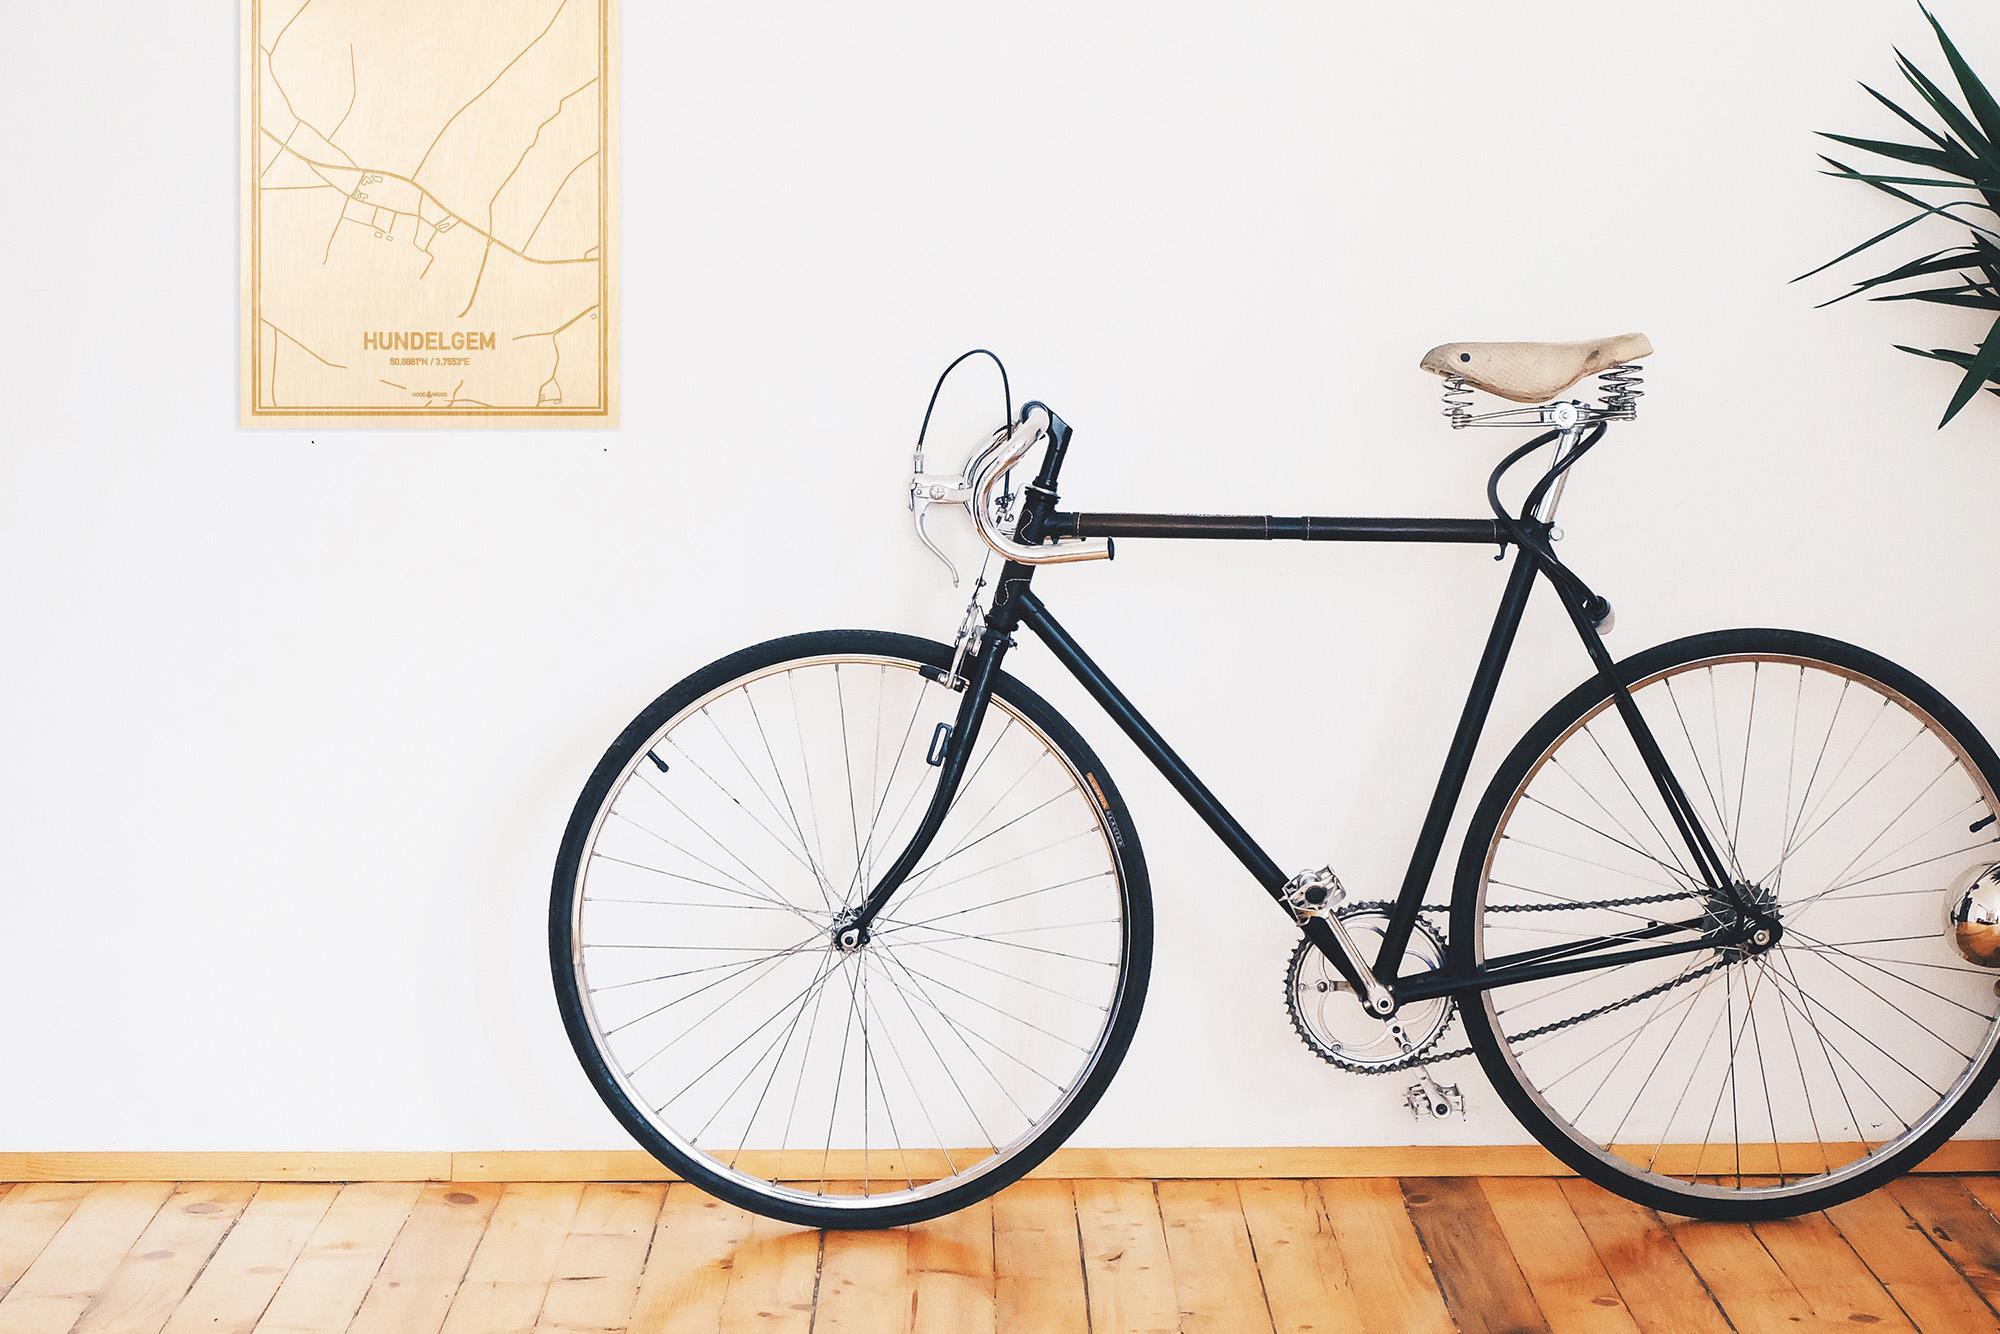 Een snelle fiets in een uniek interieur in Oost-Vlaanderen  met mooie decoratie zoals de plattegrond Hundelgem.